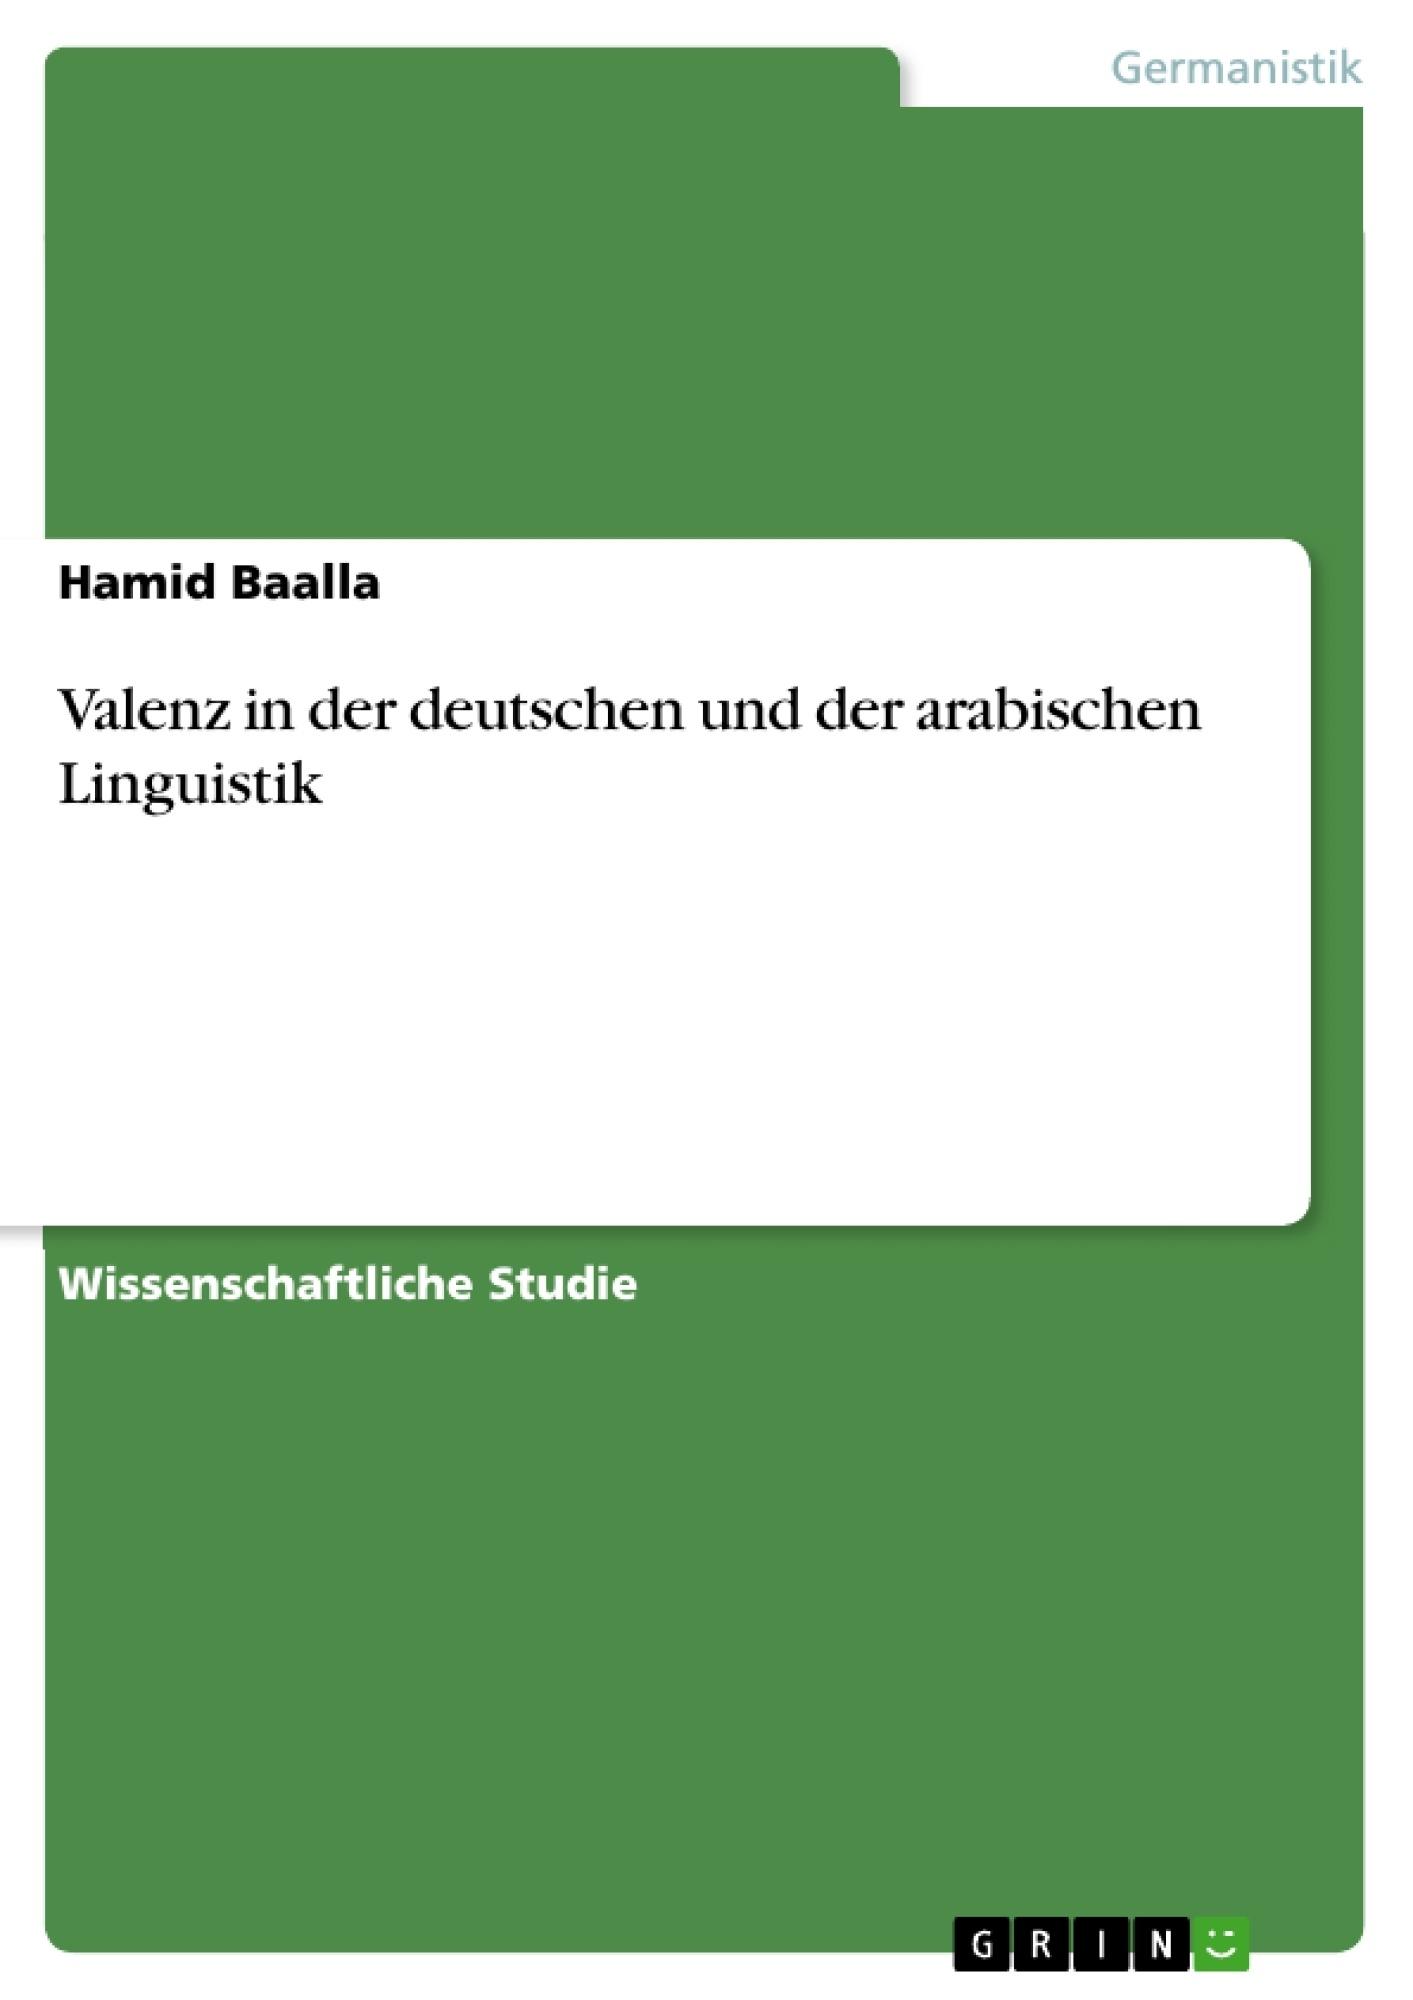 Titel: Valenz in der deutschen und der arabischen Linguistik